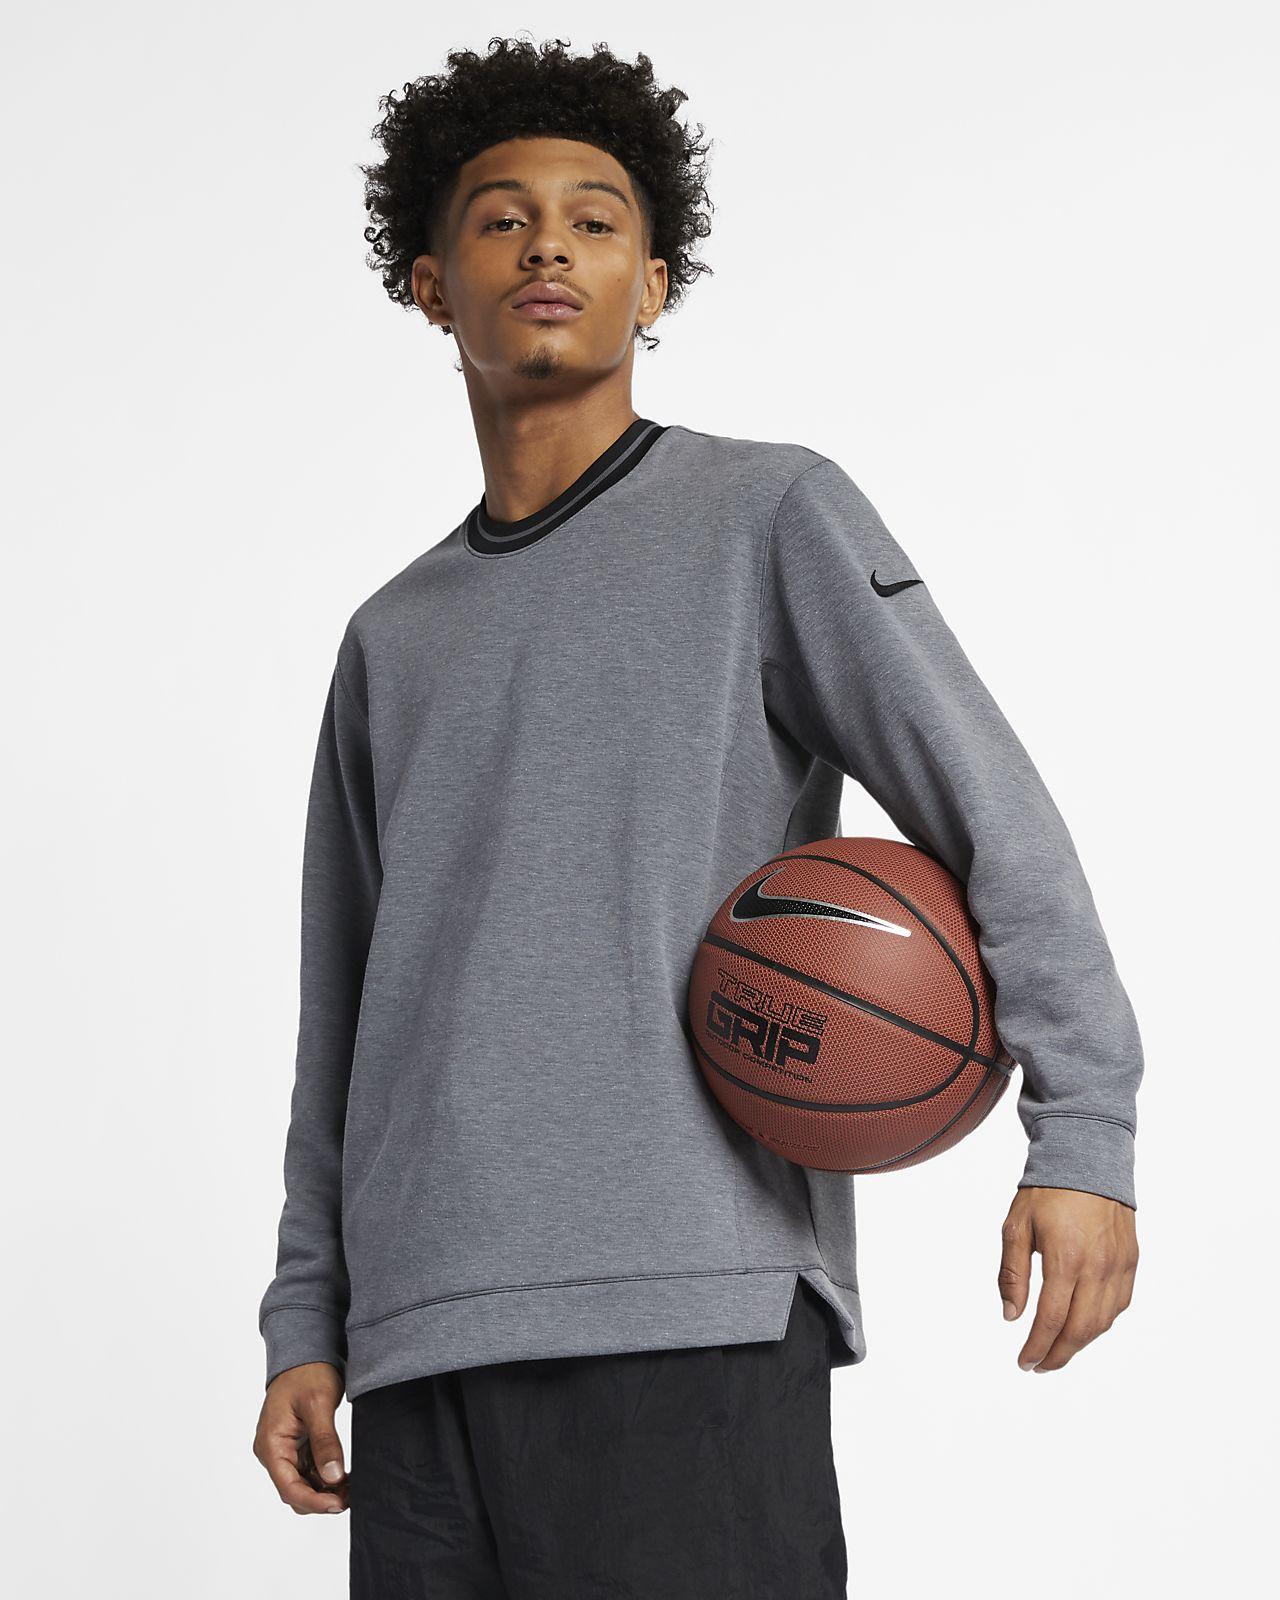 Nike Dri-FIT Camiseta de baloncesto de manga larga - Hombre. Nike.com ES fe3fcfe2b38